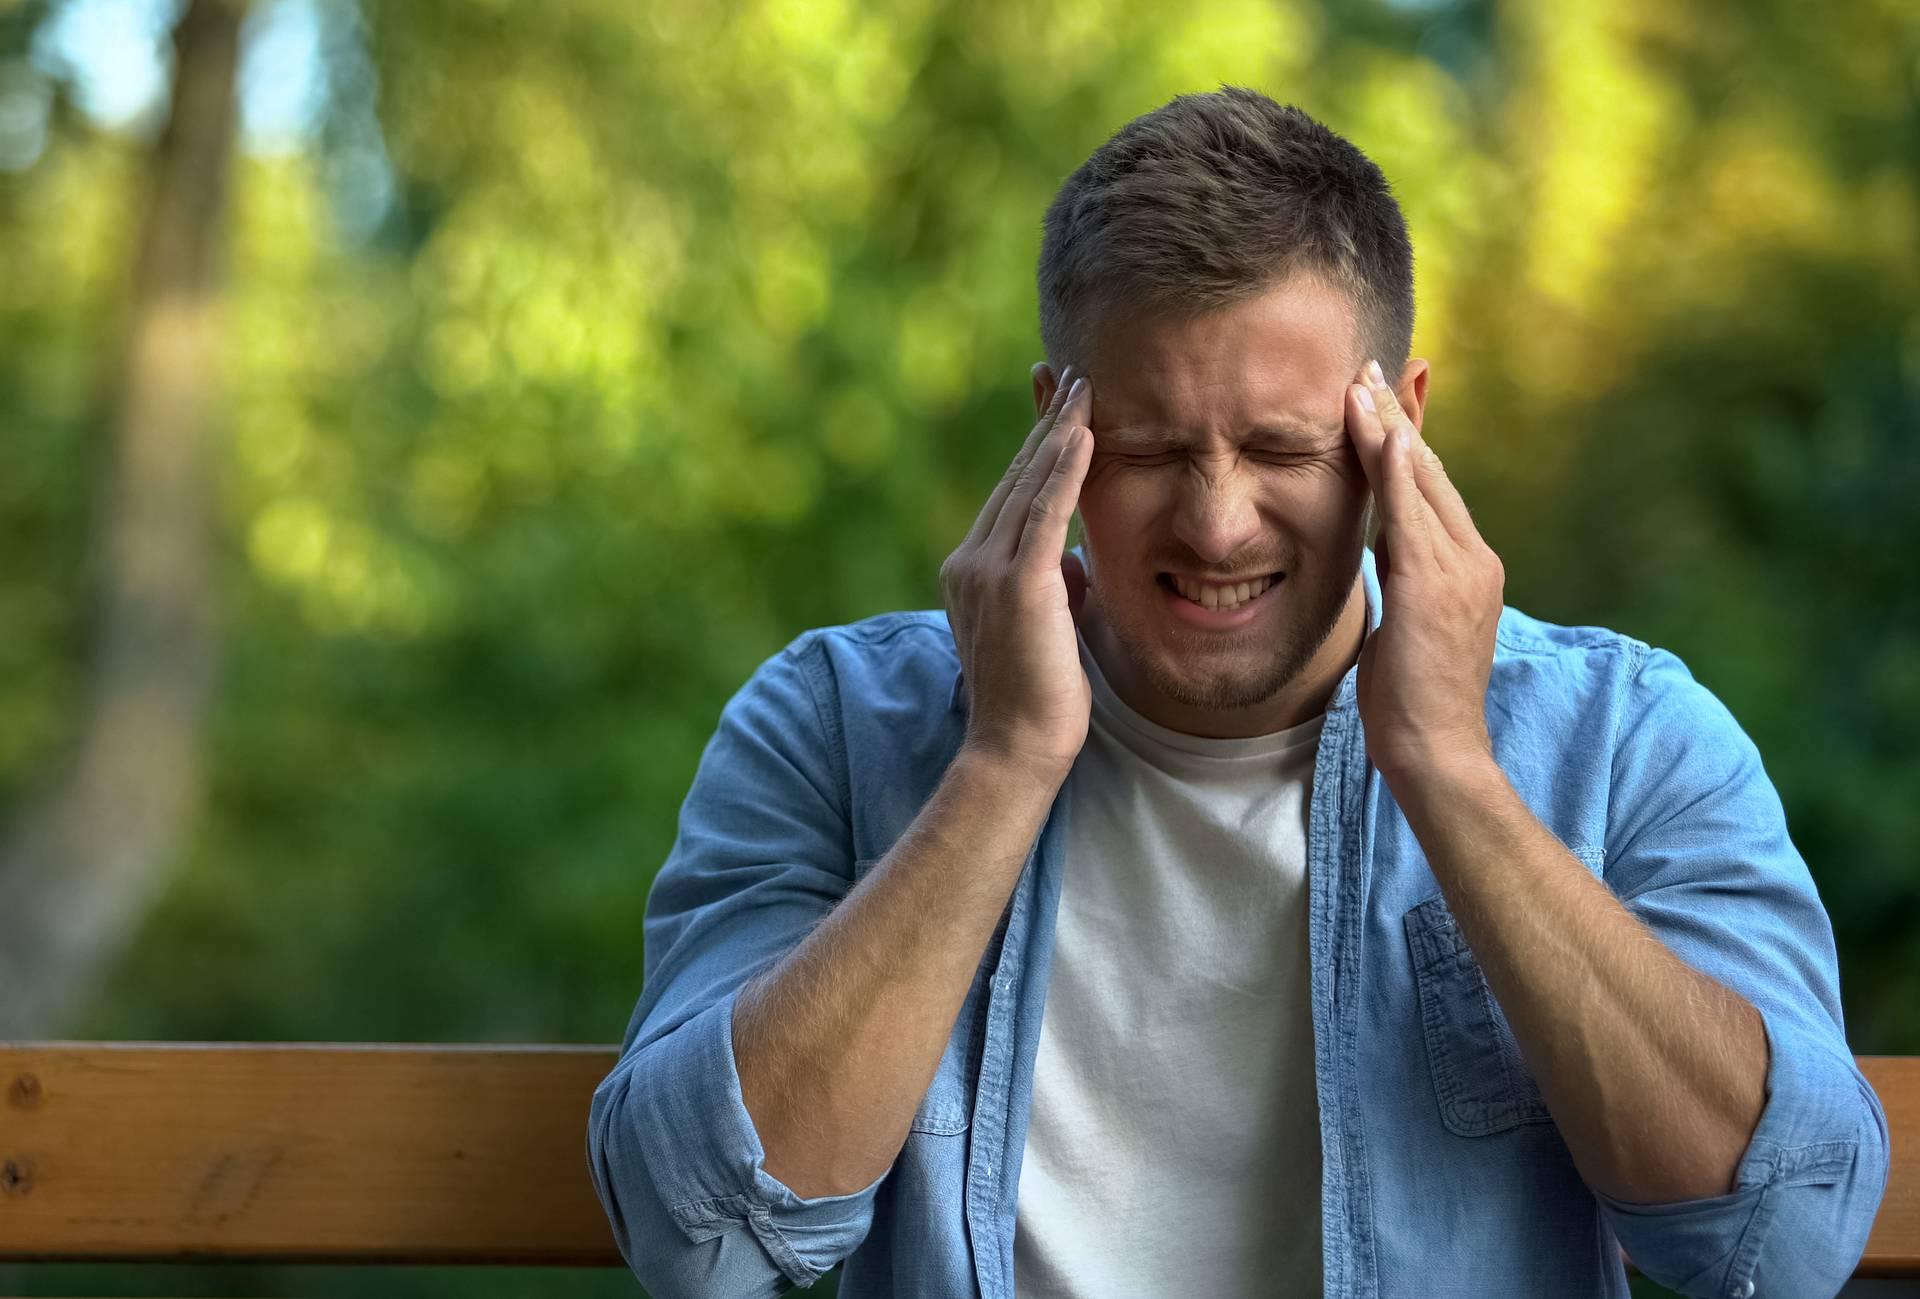 Muči vas glavobolja? Naučite kako je se možete brzo riješiti